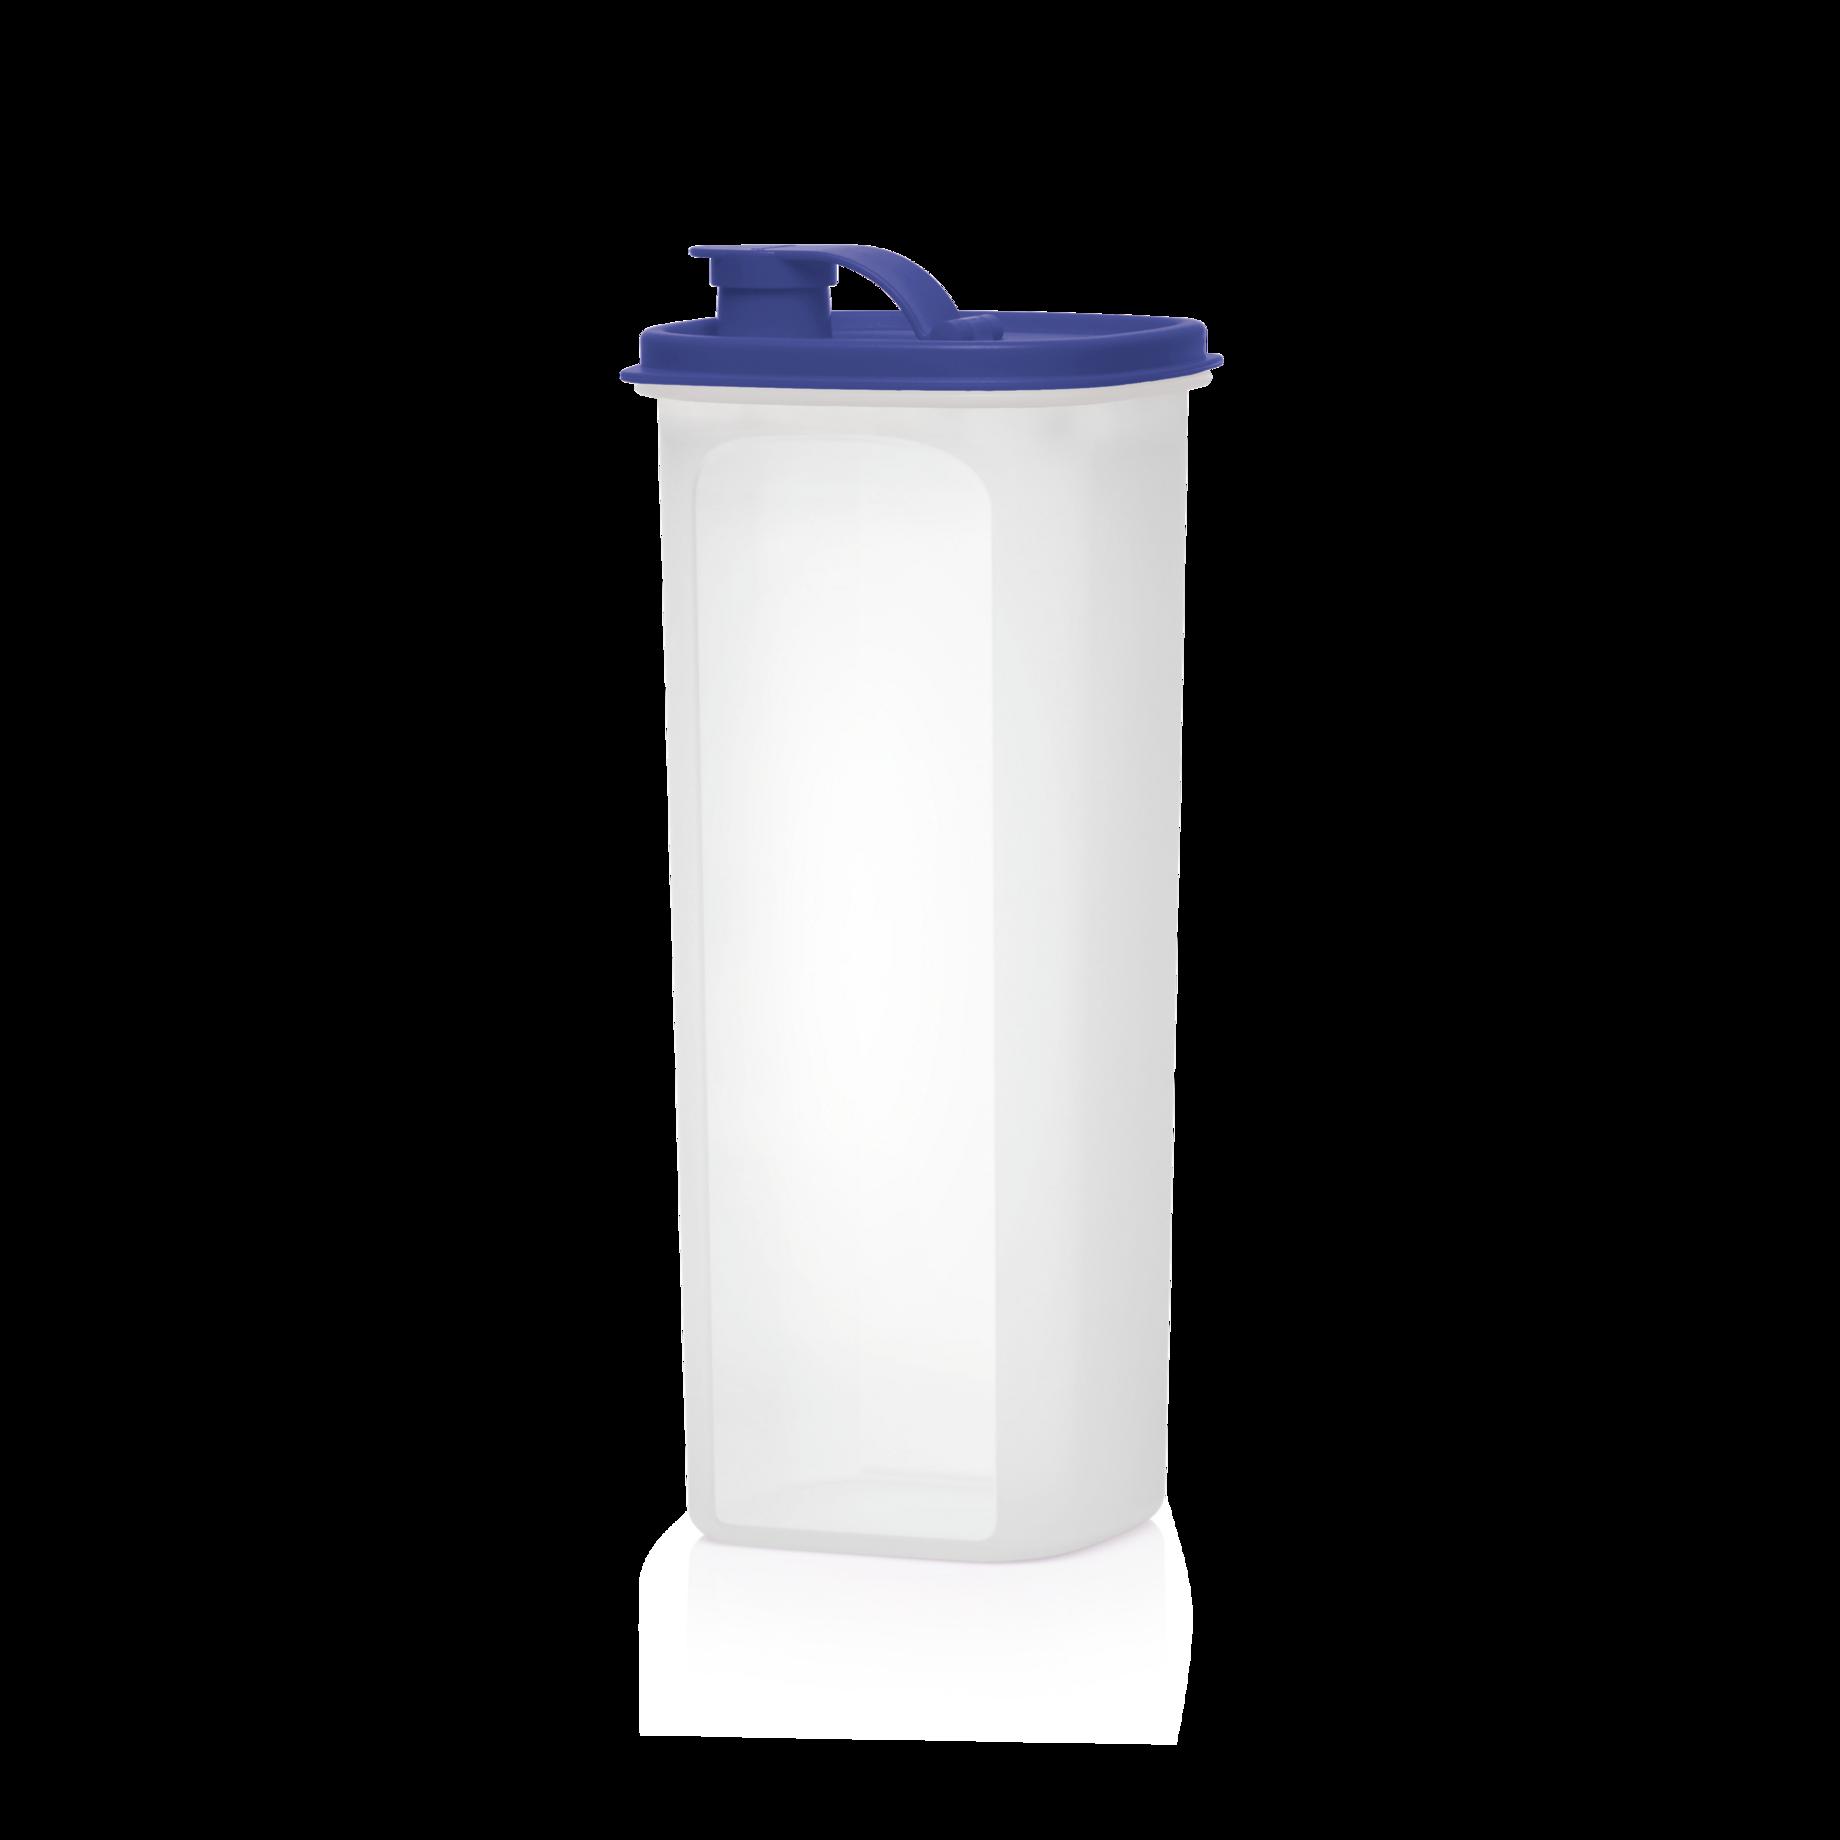 Tupperware Getränkebehälter Erfrischer 1 Ltr blau NEU     Tee Saft für unterwegs